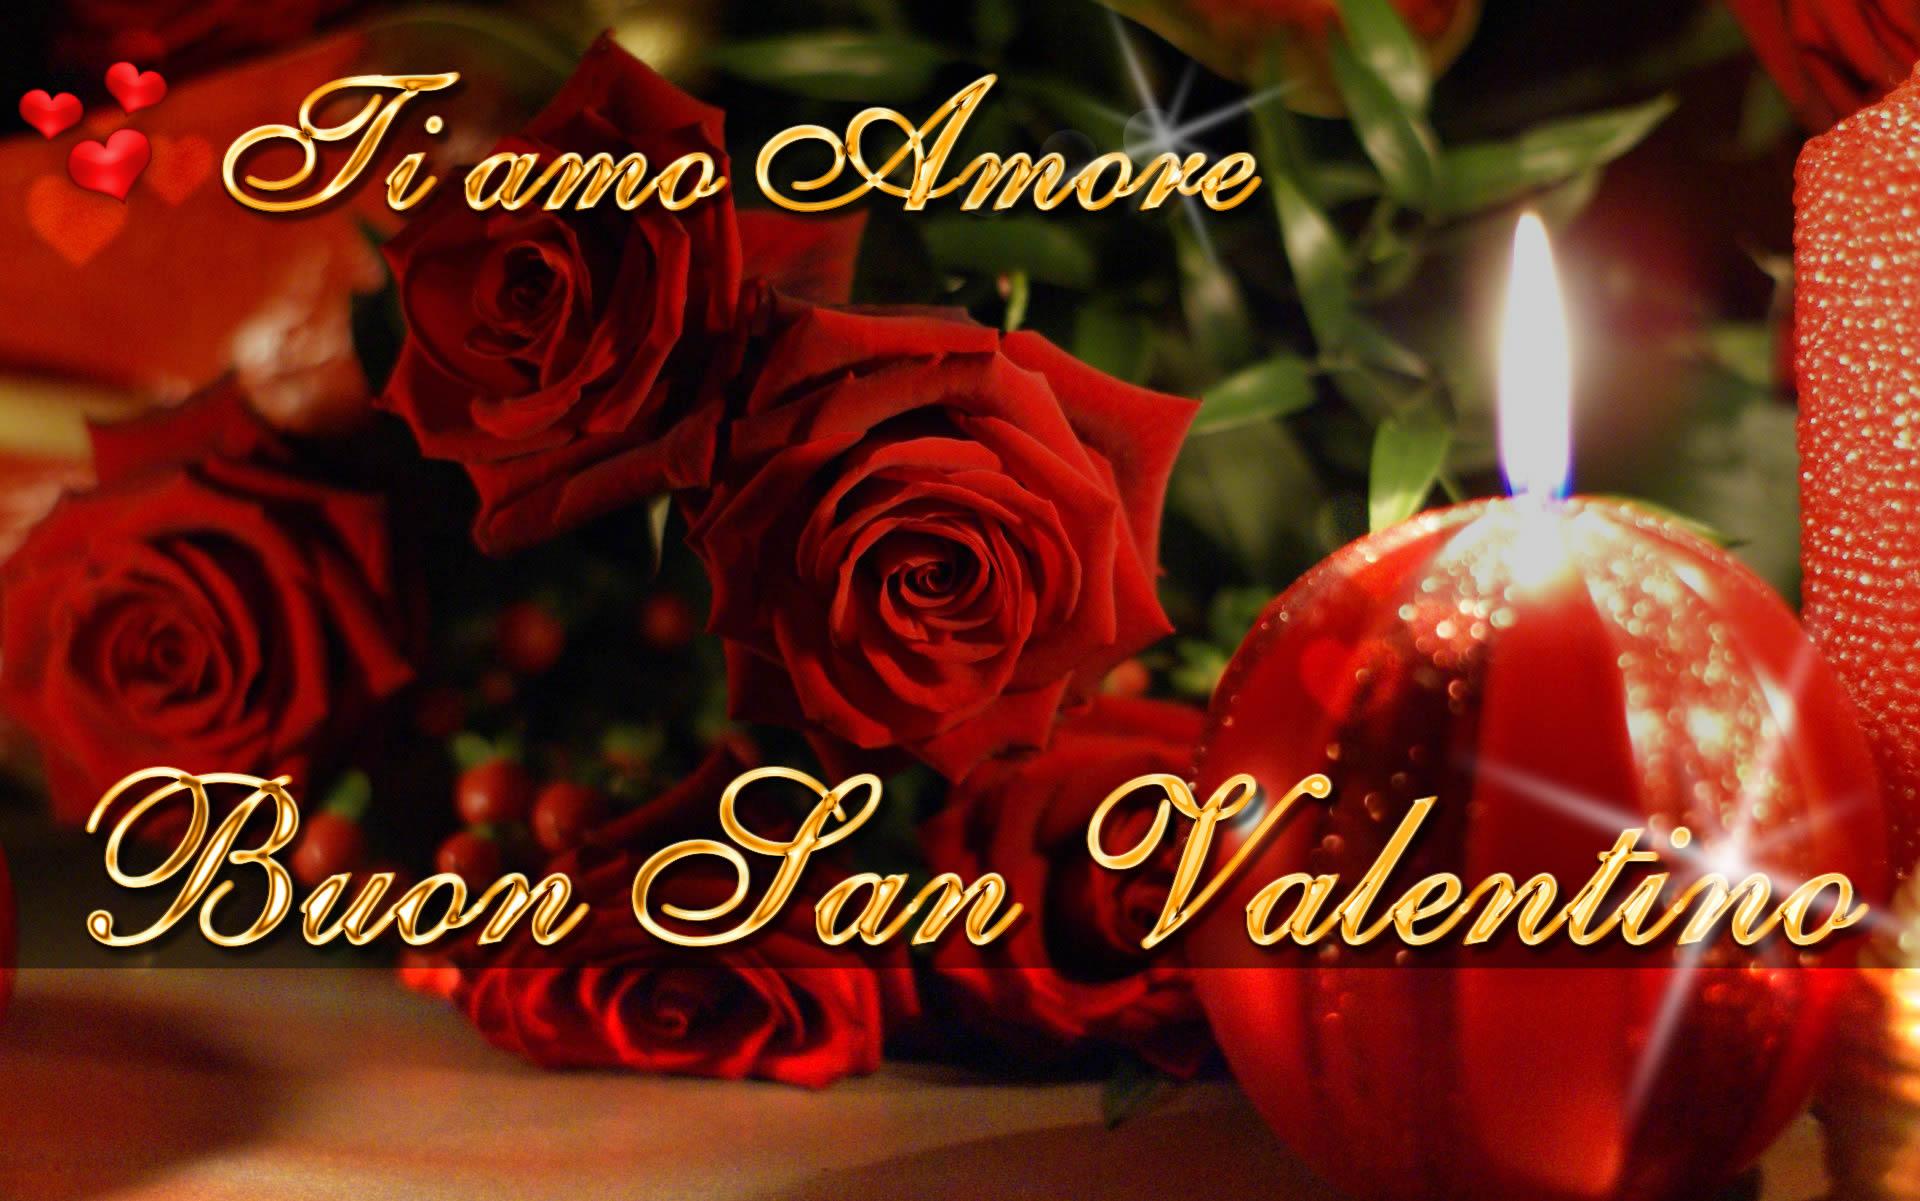 Buon SAN VALENTINO ti amo amore